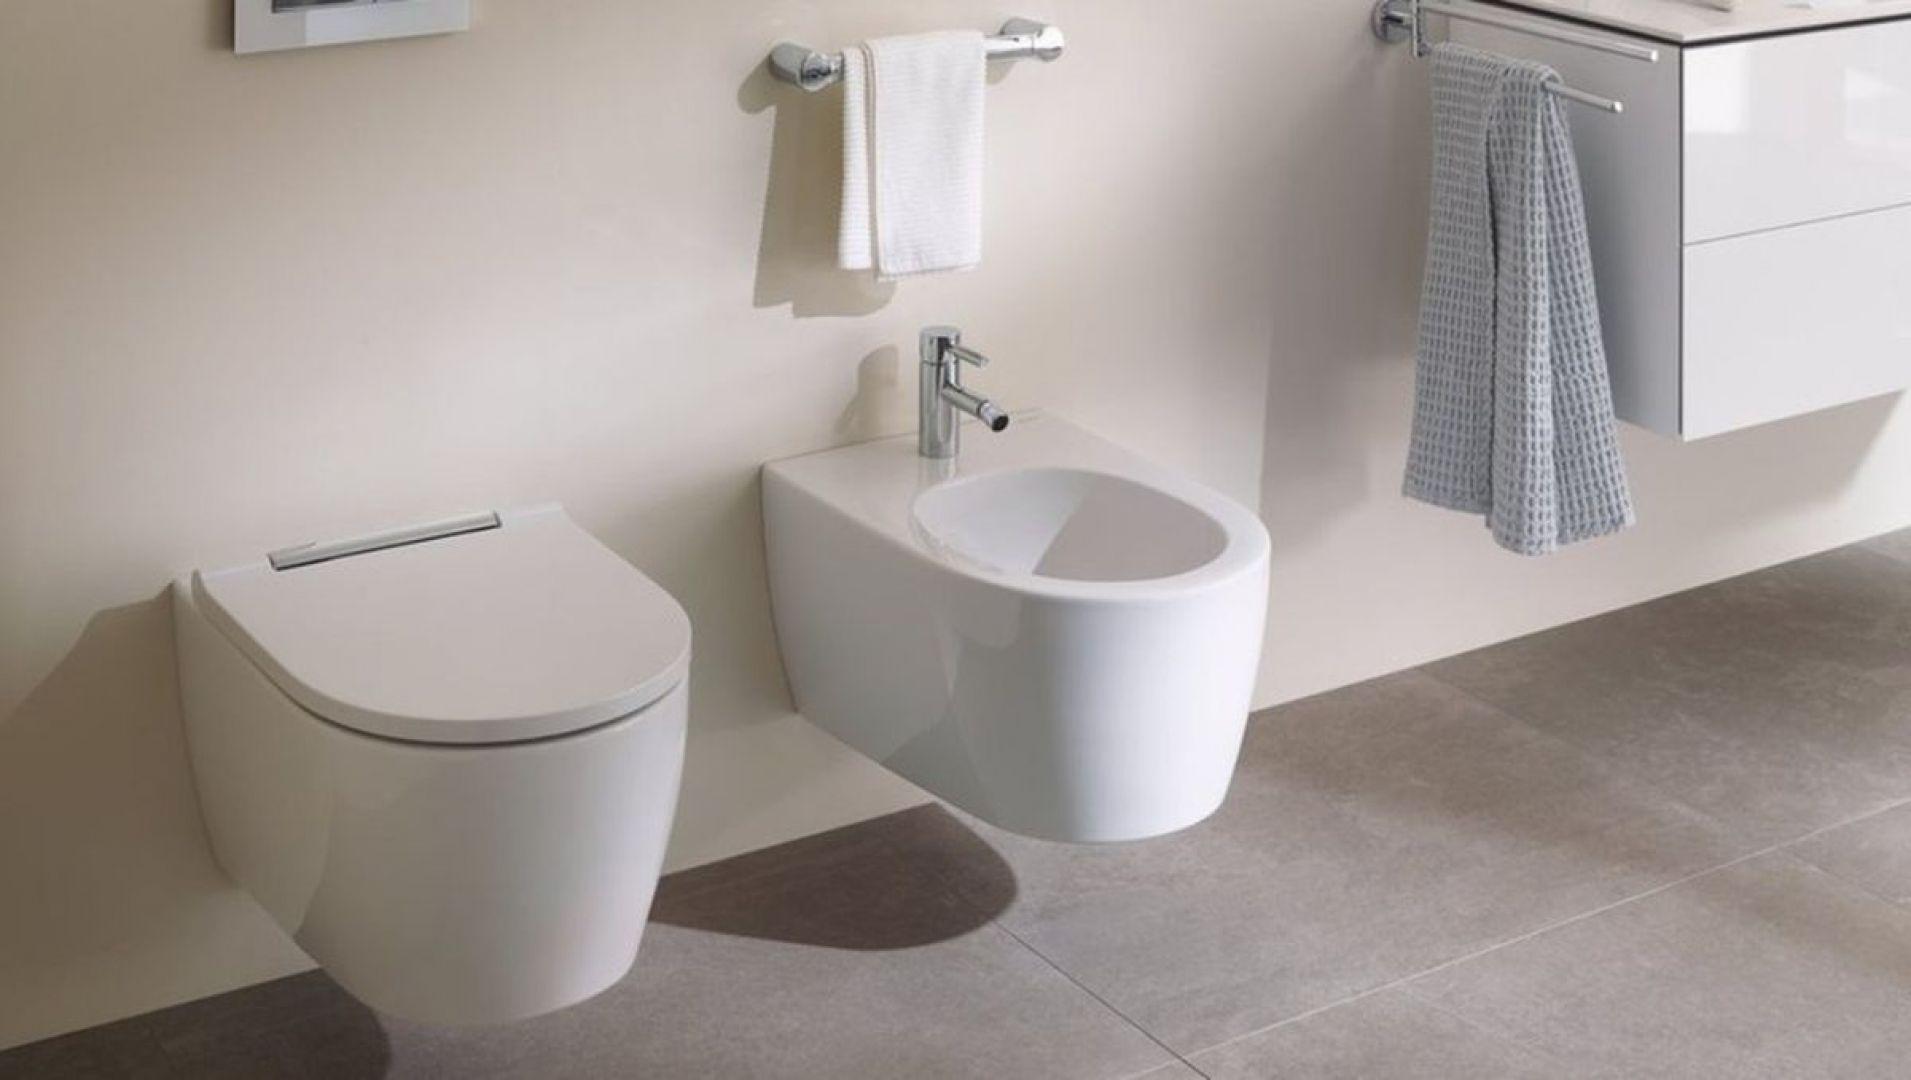 Toaleta oraz bidet z kolekcji Geberit One są odpowiedzią na potrzebę zachowania higieny i zaostrzonego reżimu sanitarnego. Fot. Geberit